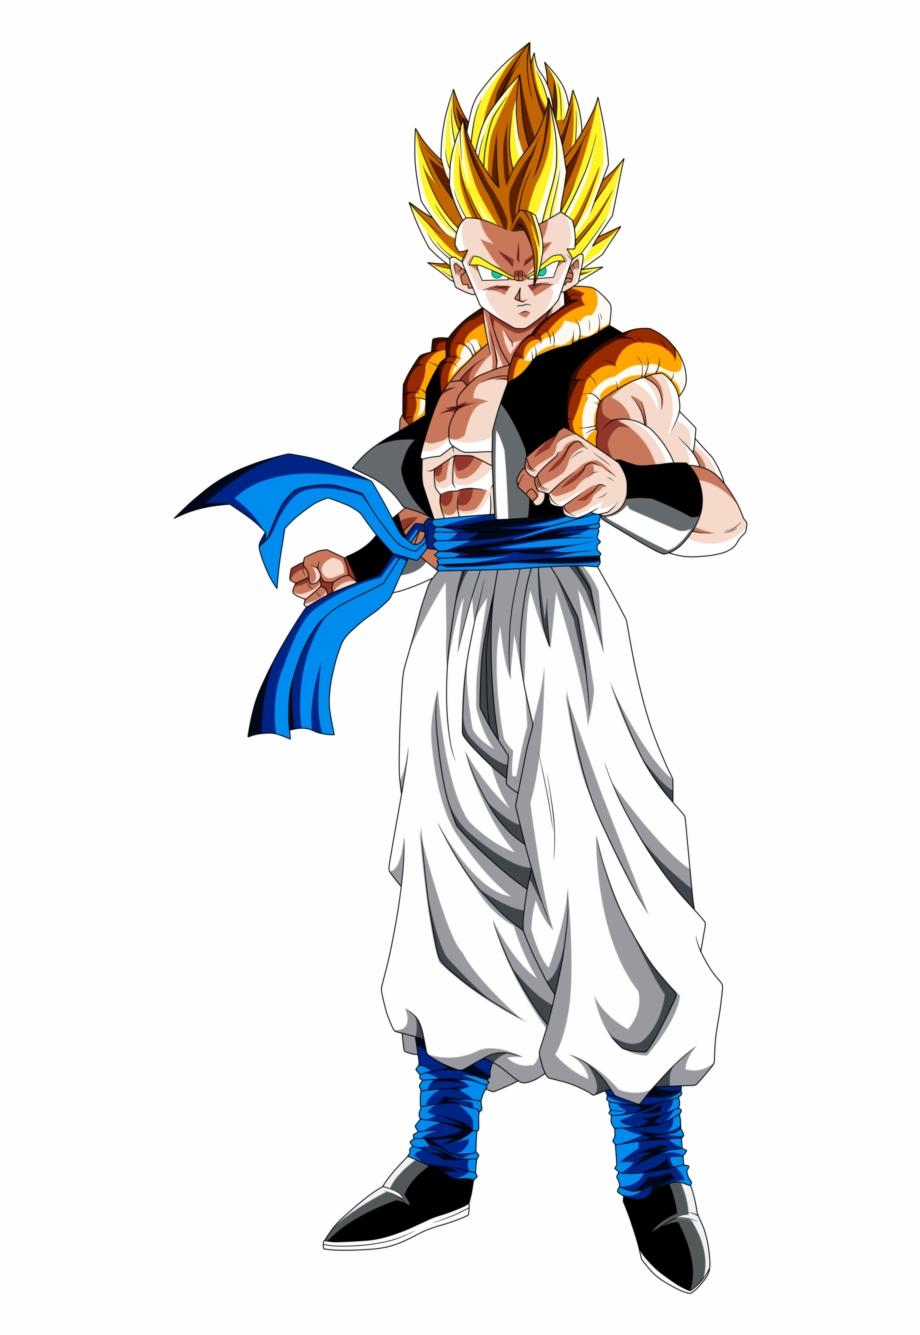 Dragon Ball Z Clipart Super Saiyan Ssj4 Gogeta Ssb Vegito